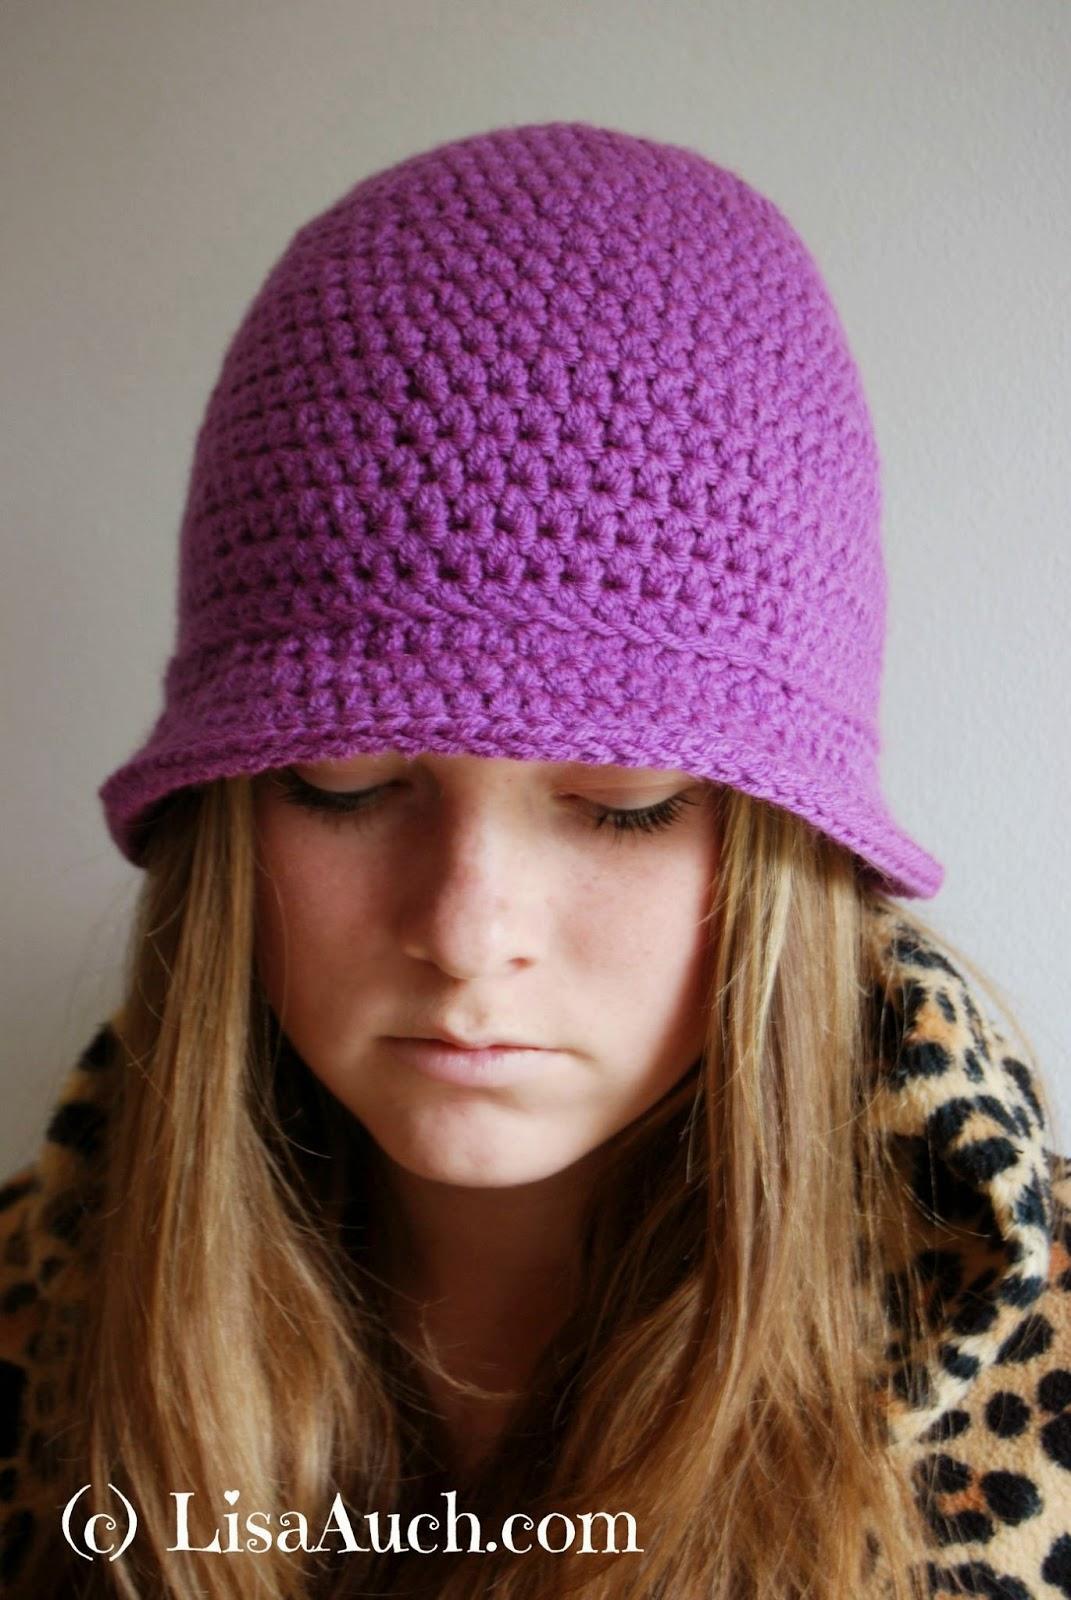 FREE Crochet Hat Patterns for Women (6 FREE Crochet Hat Patterns ...